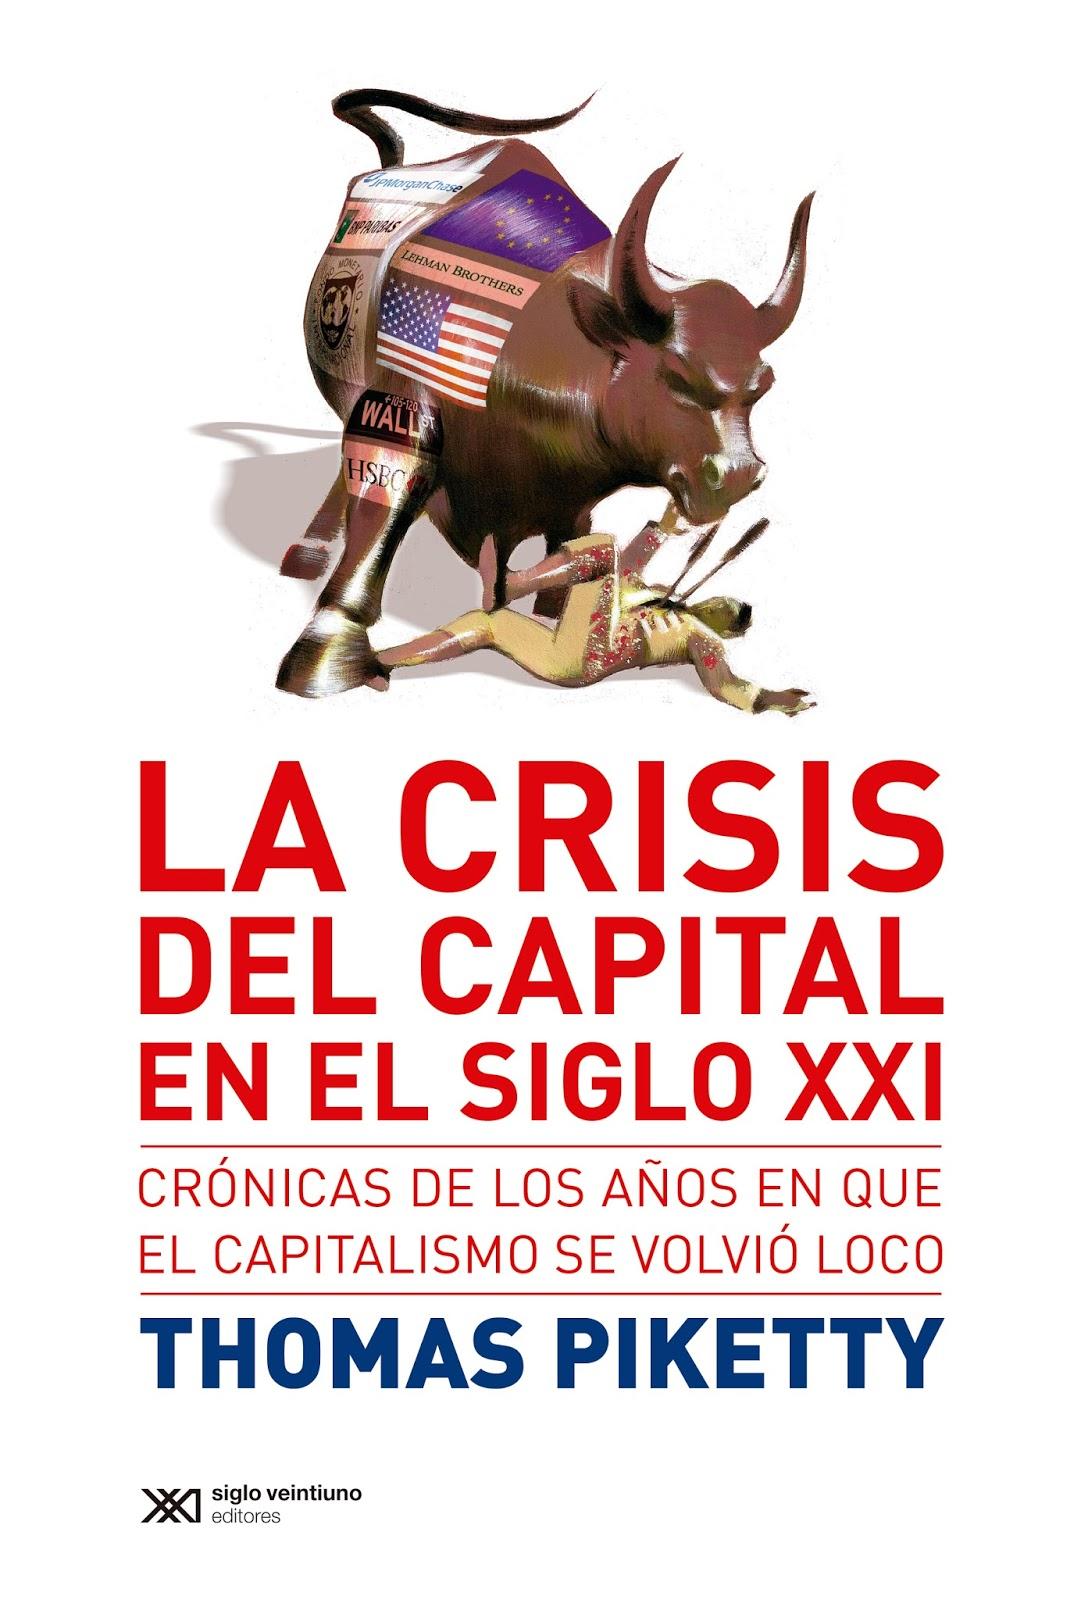 La crisis del capital en el siglo xxi thomas piketty